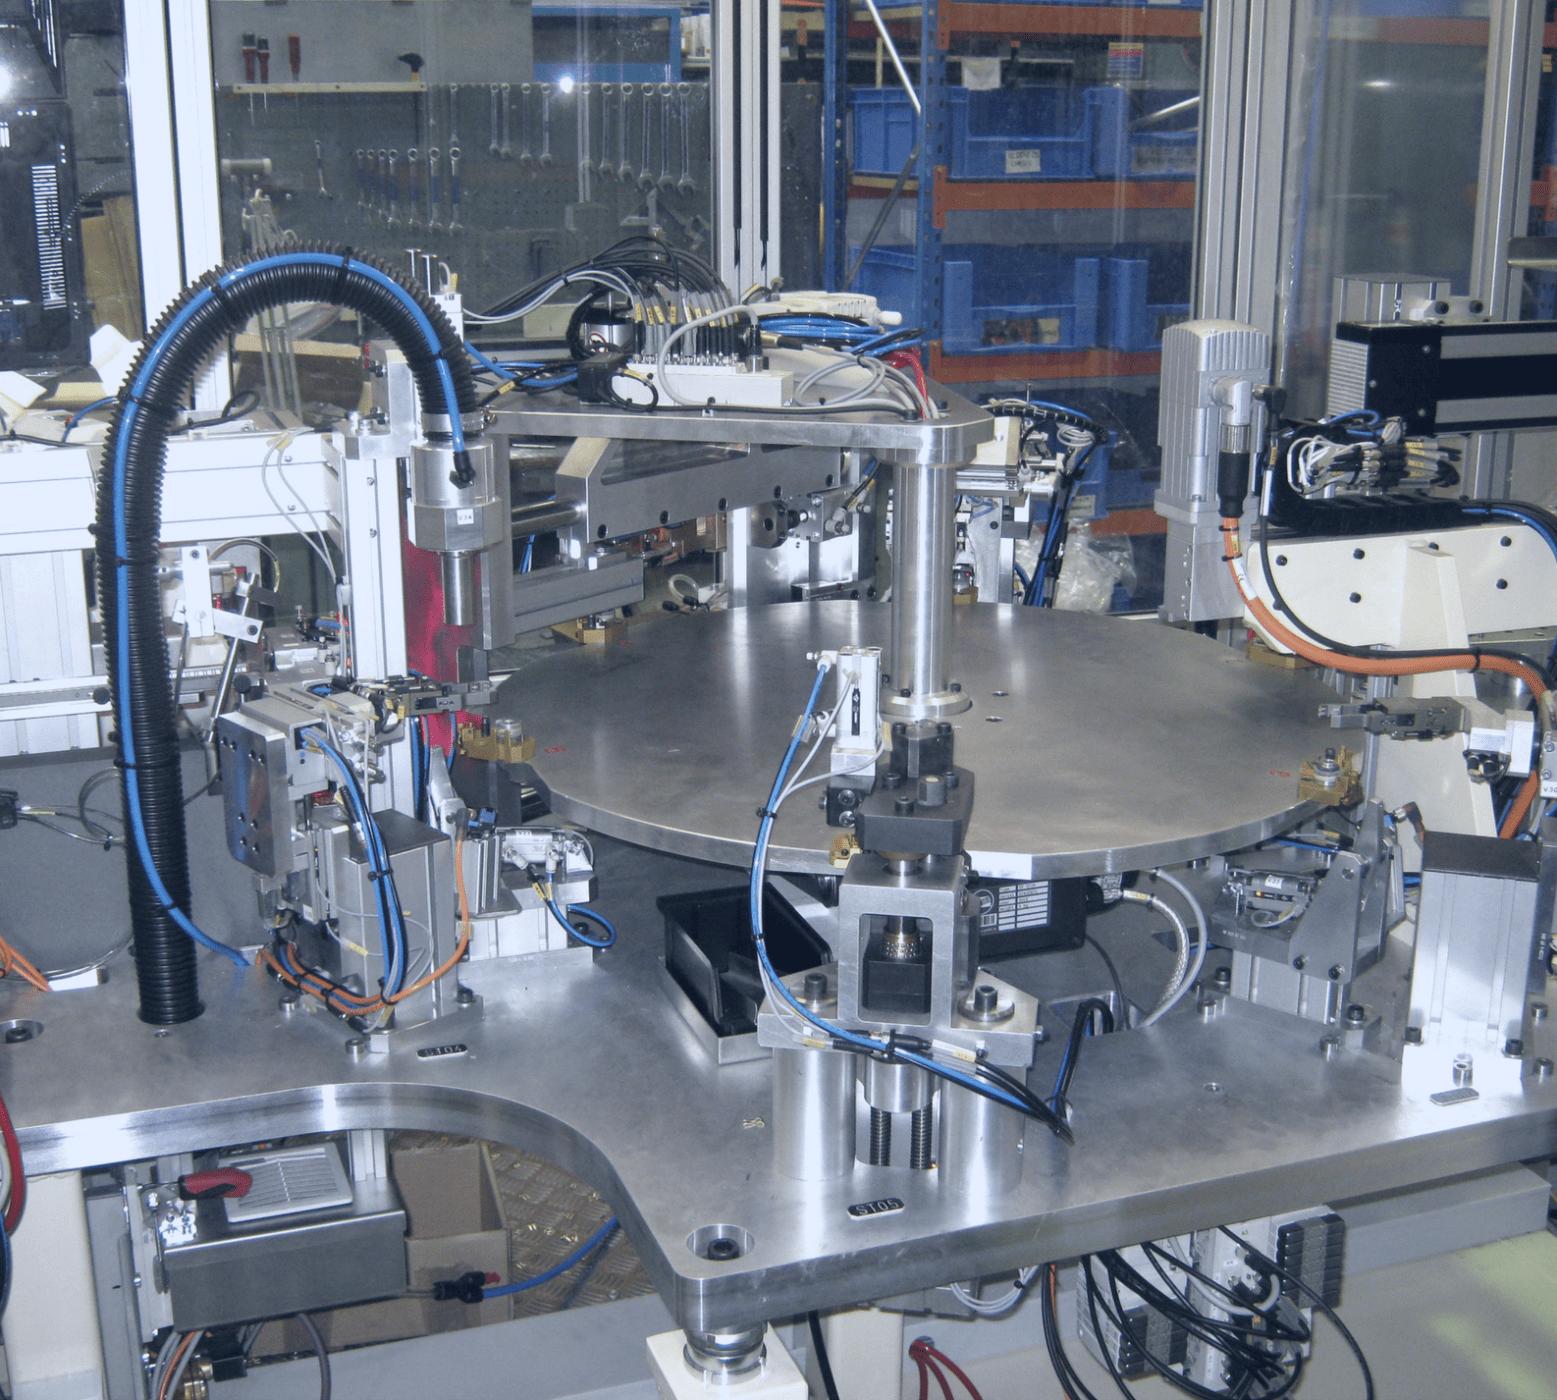 SYSTÈME PLATEAU INDEXE MACHINES SPÉCIALES TOULOUSE